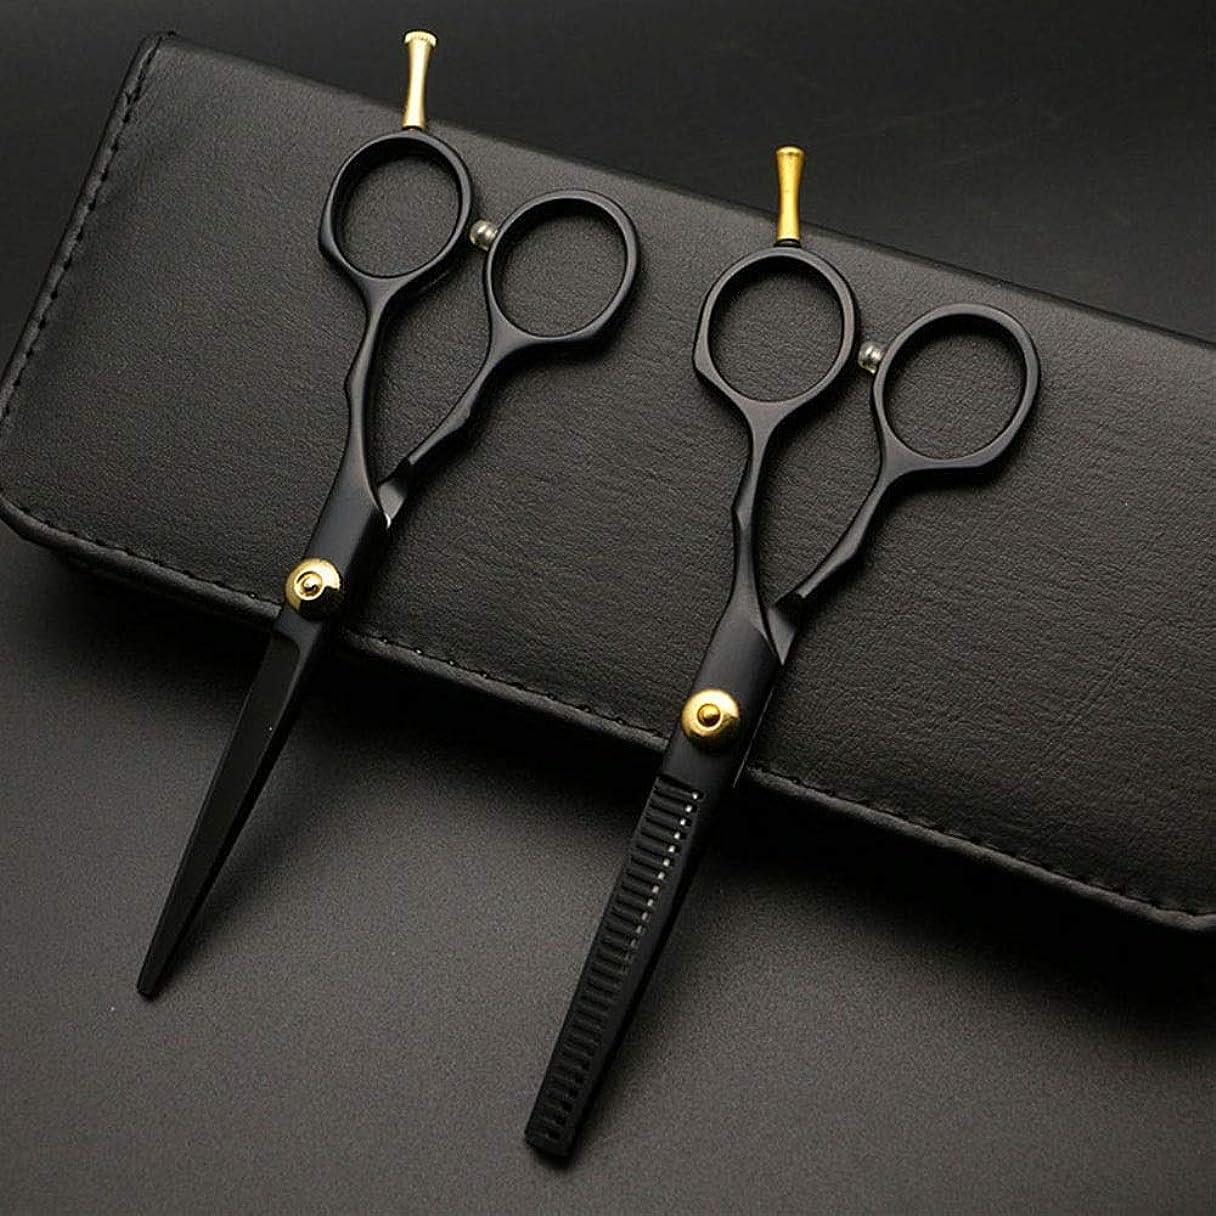 調整可能ウェイターテレビHairdressing 5.5インチ美容院プロのヘアカットフラット+歯はさみセット黒理髪はさみヘアカット鋏ステンレス理髪はさみ (色 : 黒)